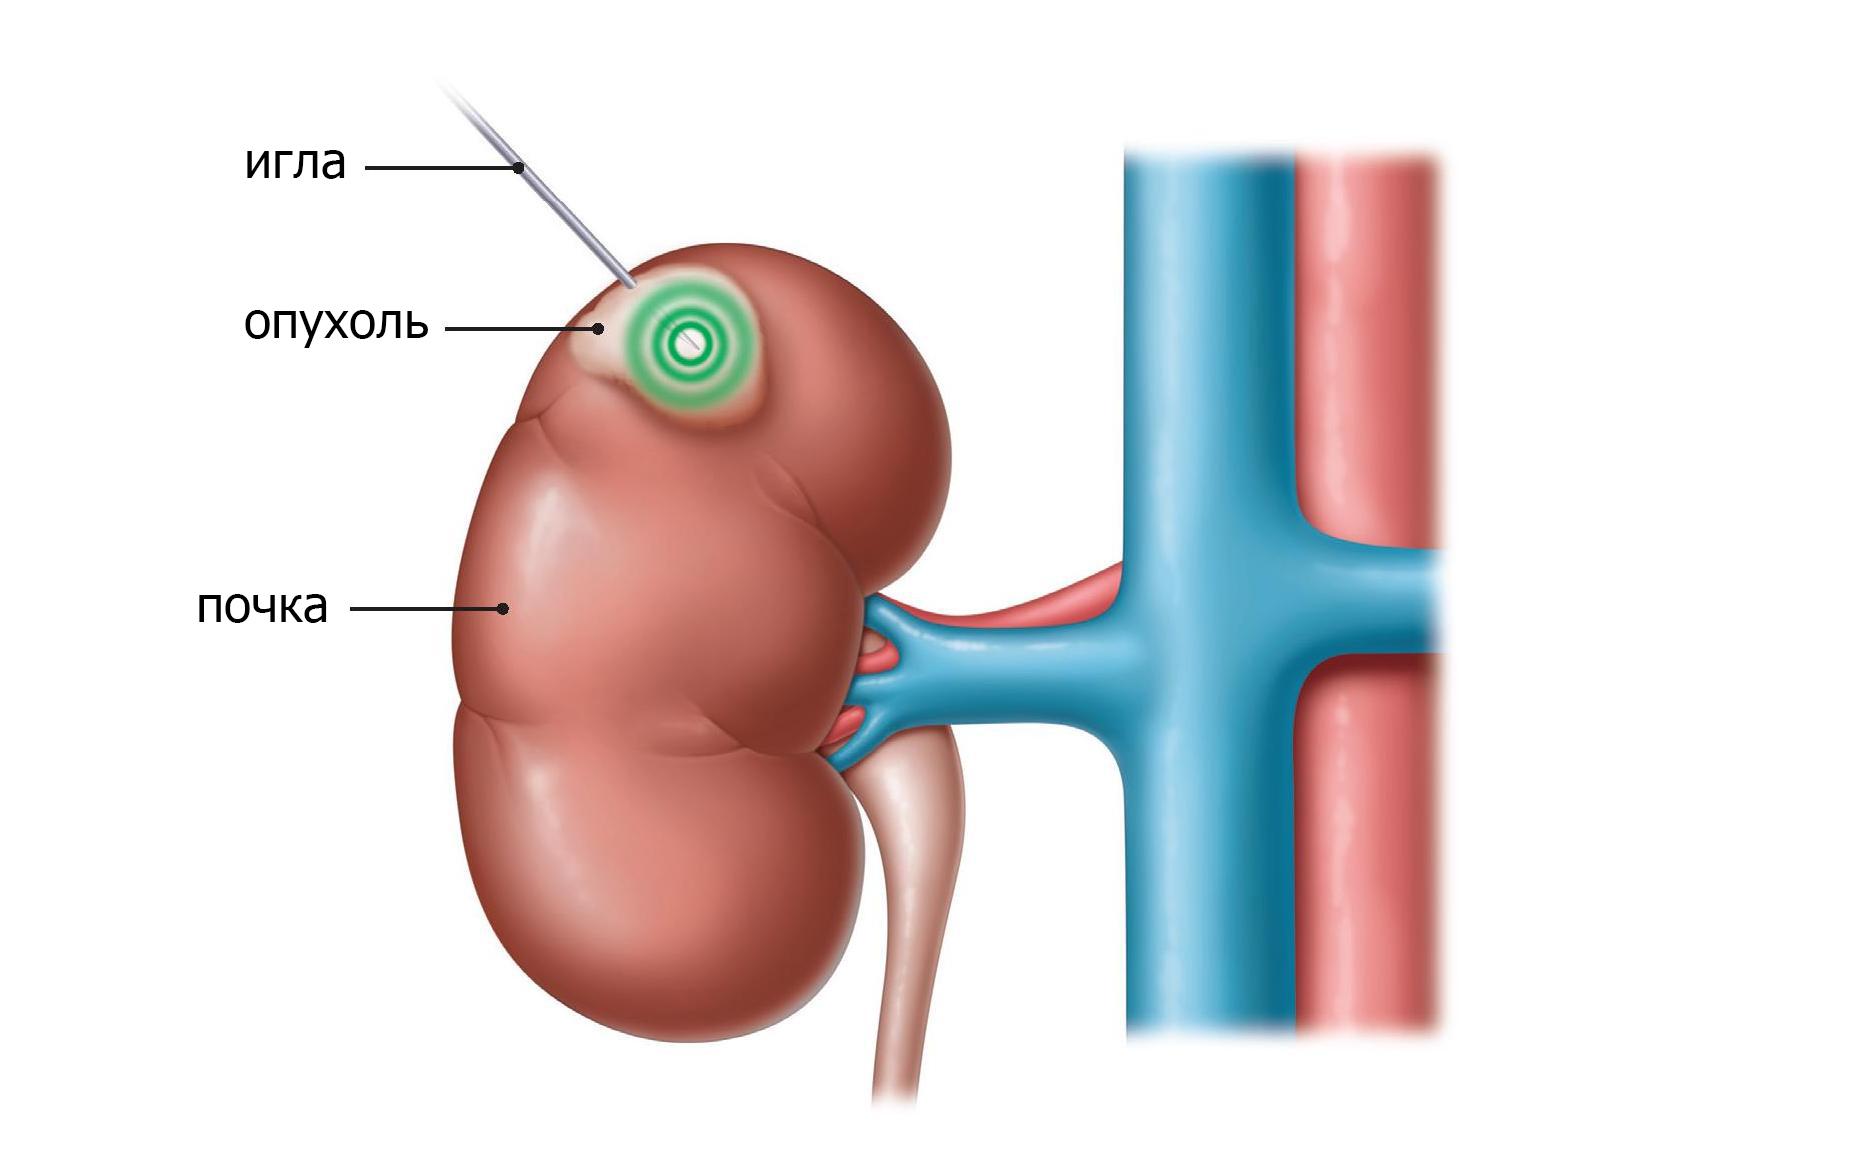 Абляционная терапия убивает опухолевые клетки путем нагревания или замораживания